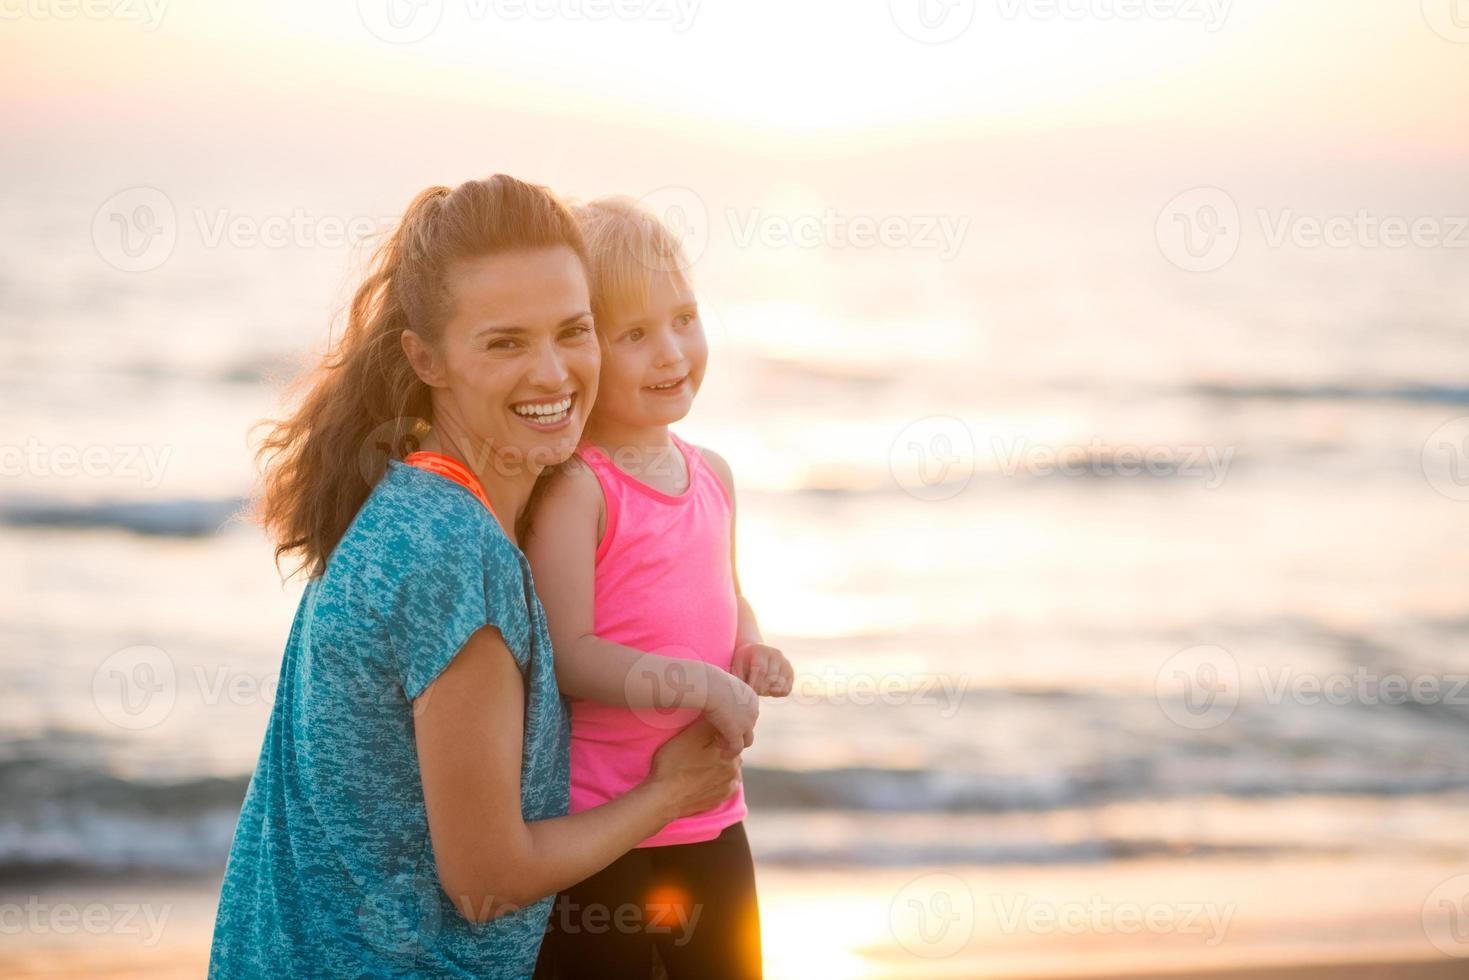 Porträt der glücklichen Mutter und Tochter am Strand bei Sonnenuntergang foto